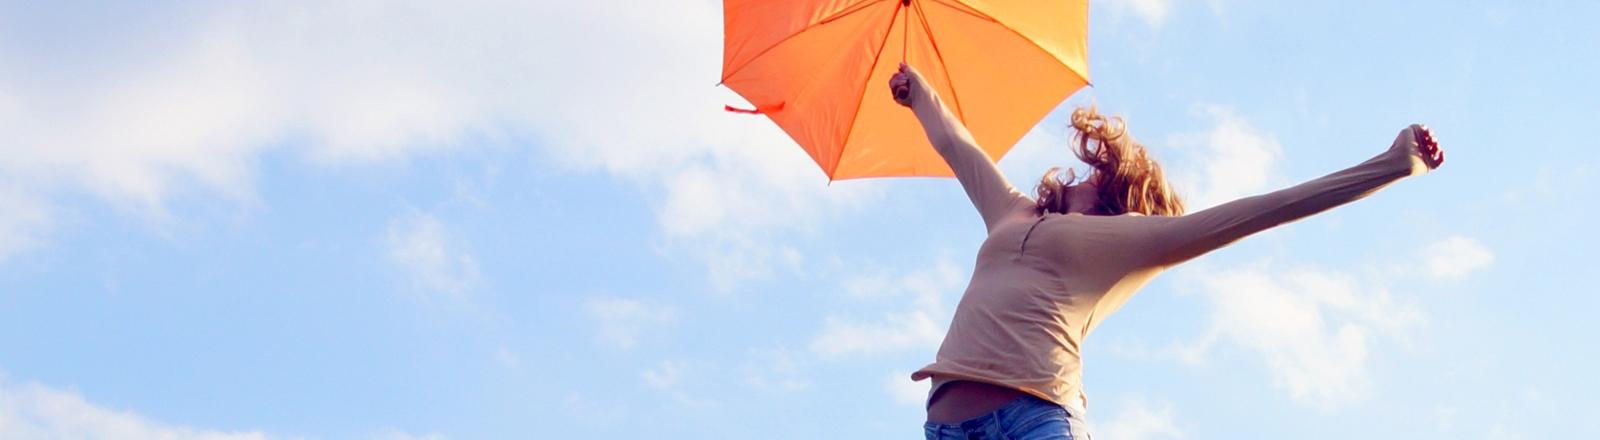 Eine Frau springt auf einer Wiese vor blauem Himmel in die Luft.